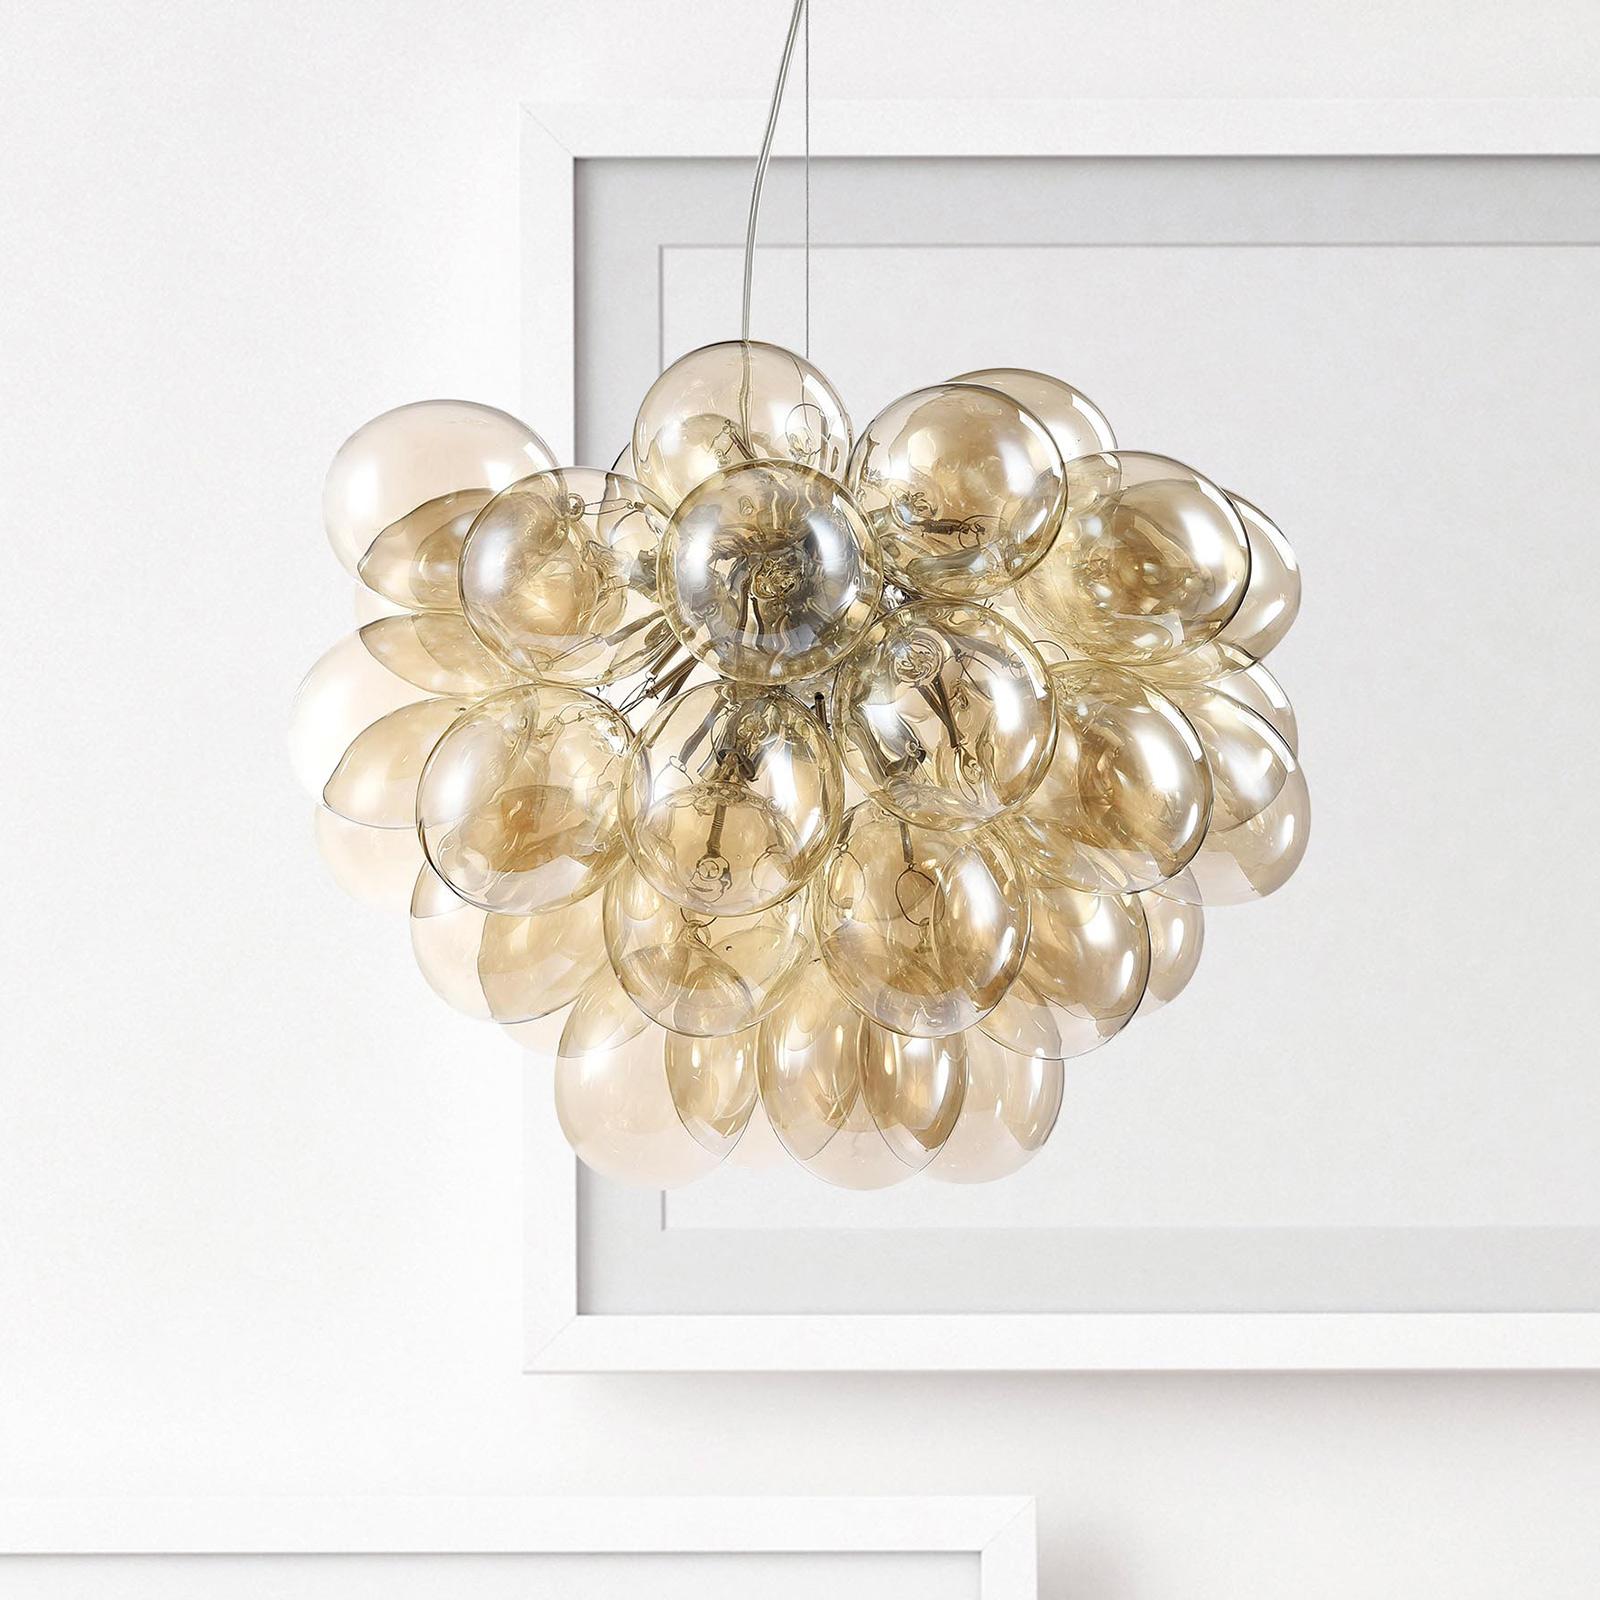 Hanglamp Balbo in geelbruin